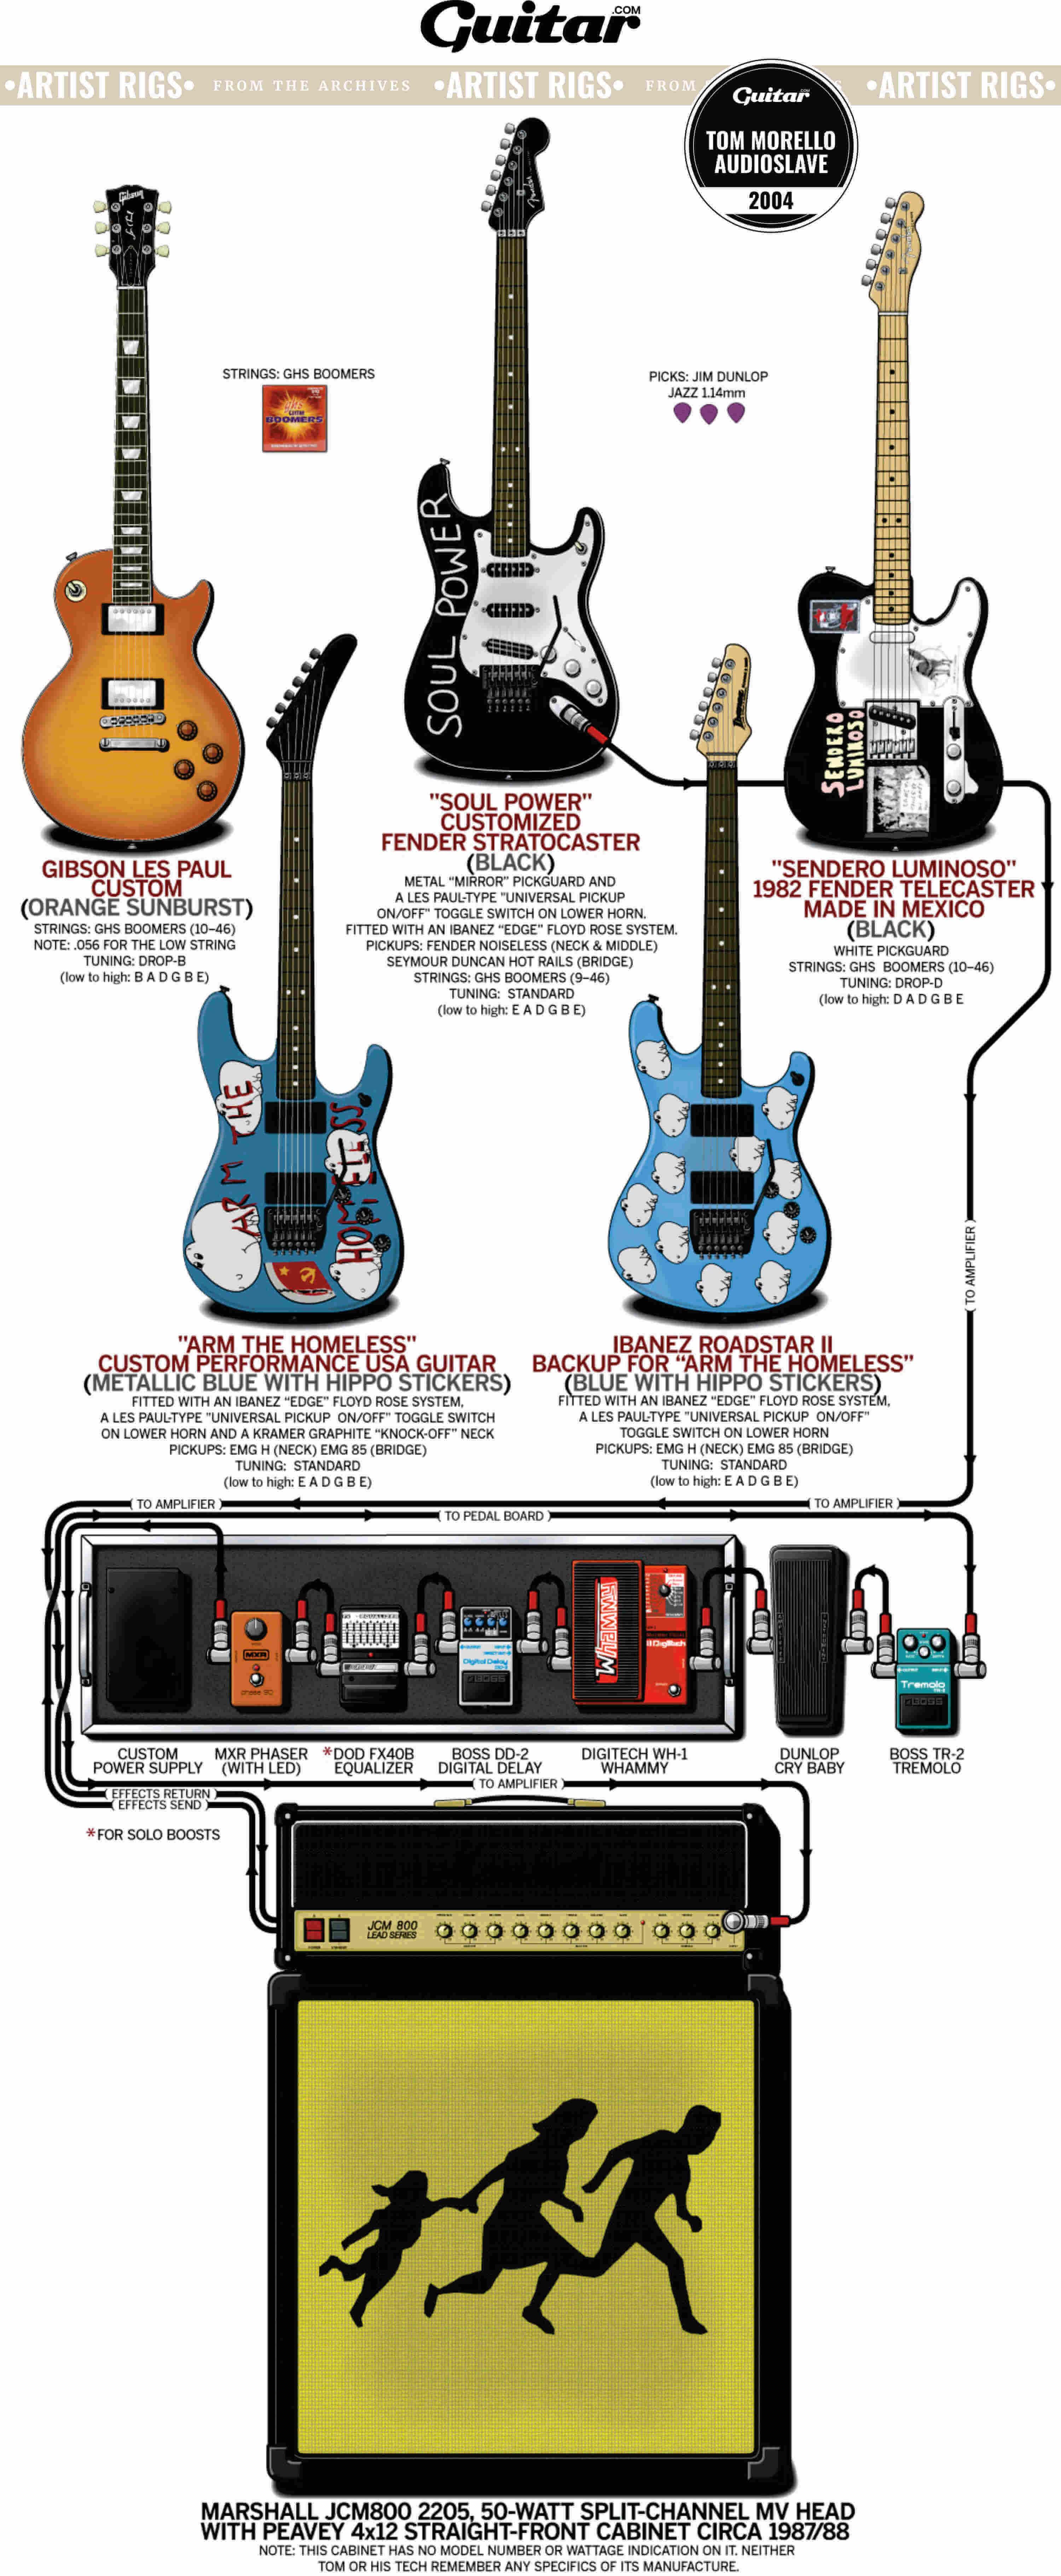 Rig Diagram: Tom Morello, Audioslave (2004)